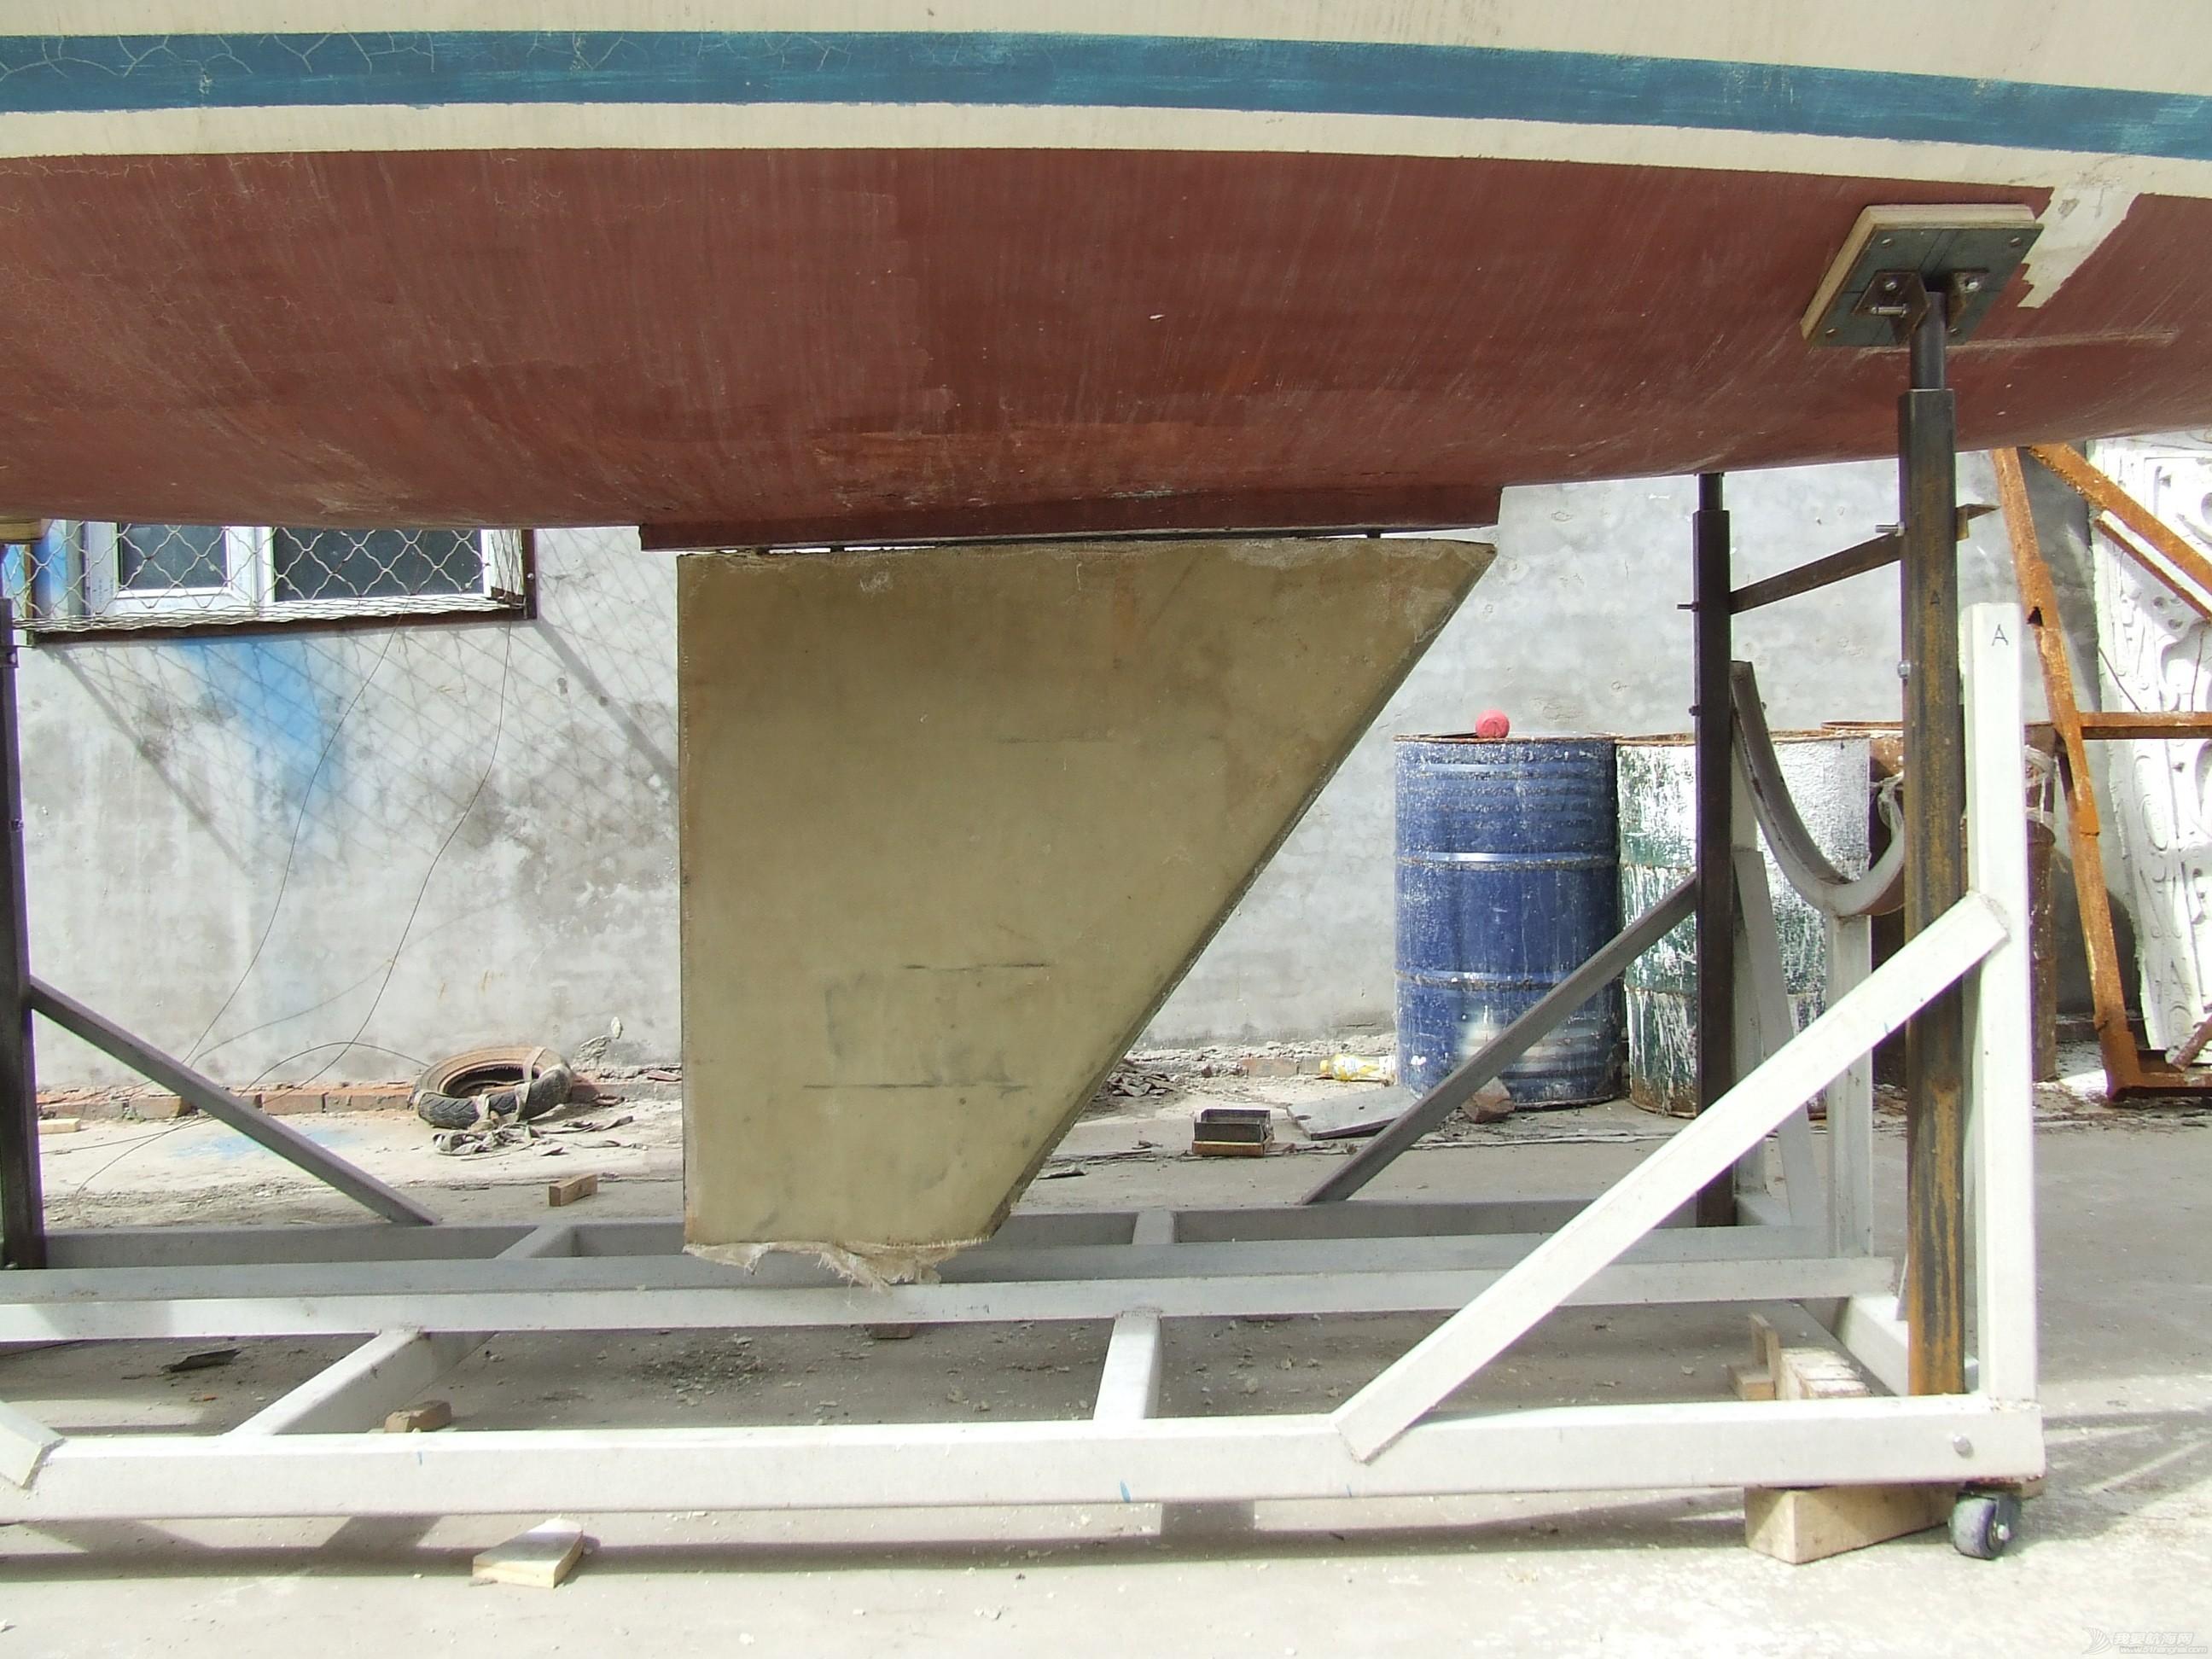 帆船 GR-750帆船龙骨安装 DSCF8063.JPG